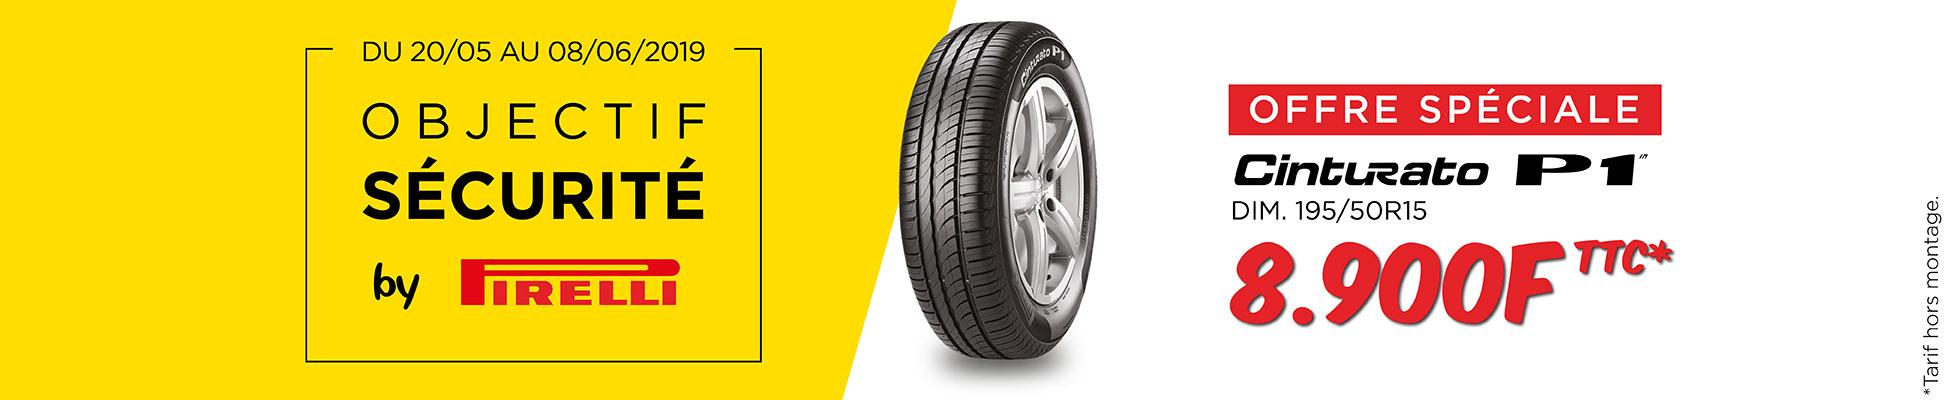 Bandeau promo sécurité sgia pneu nc